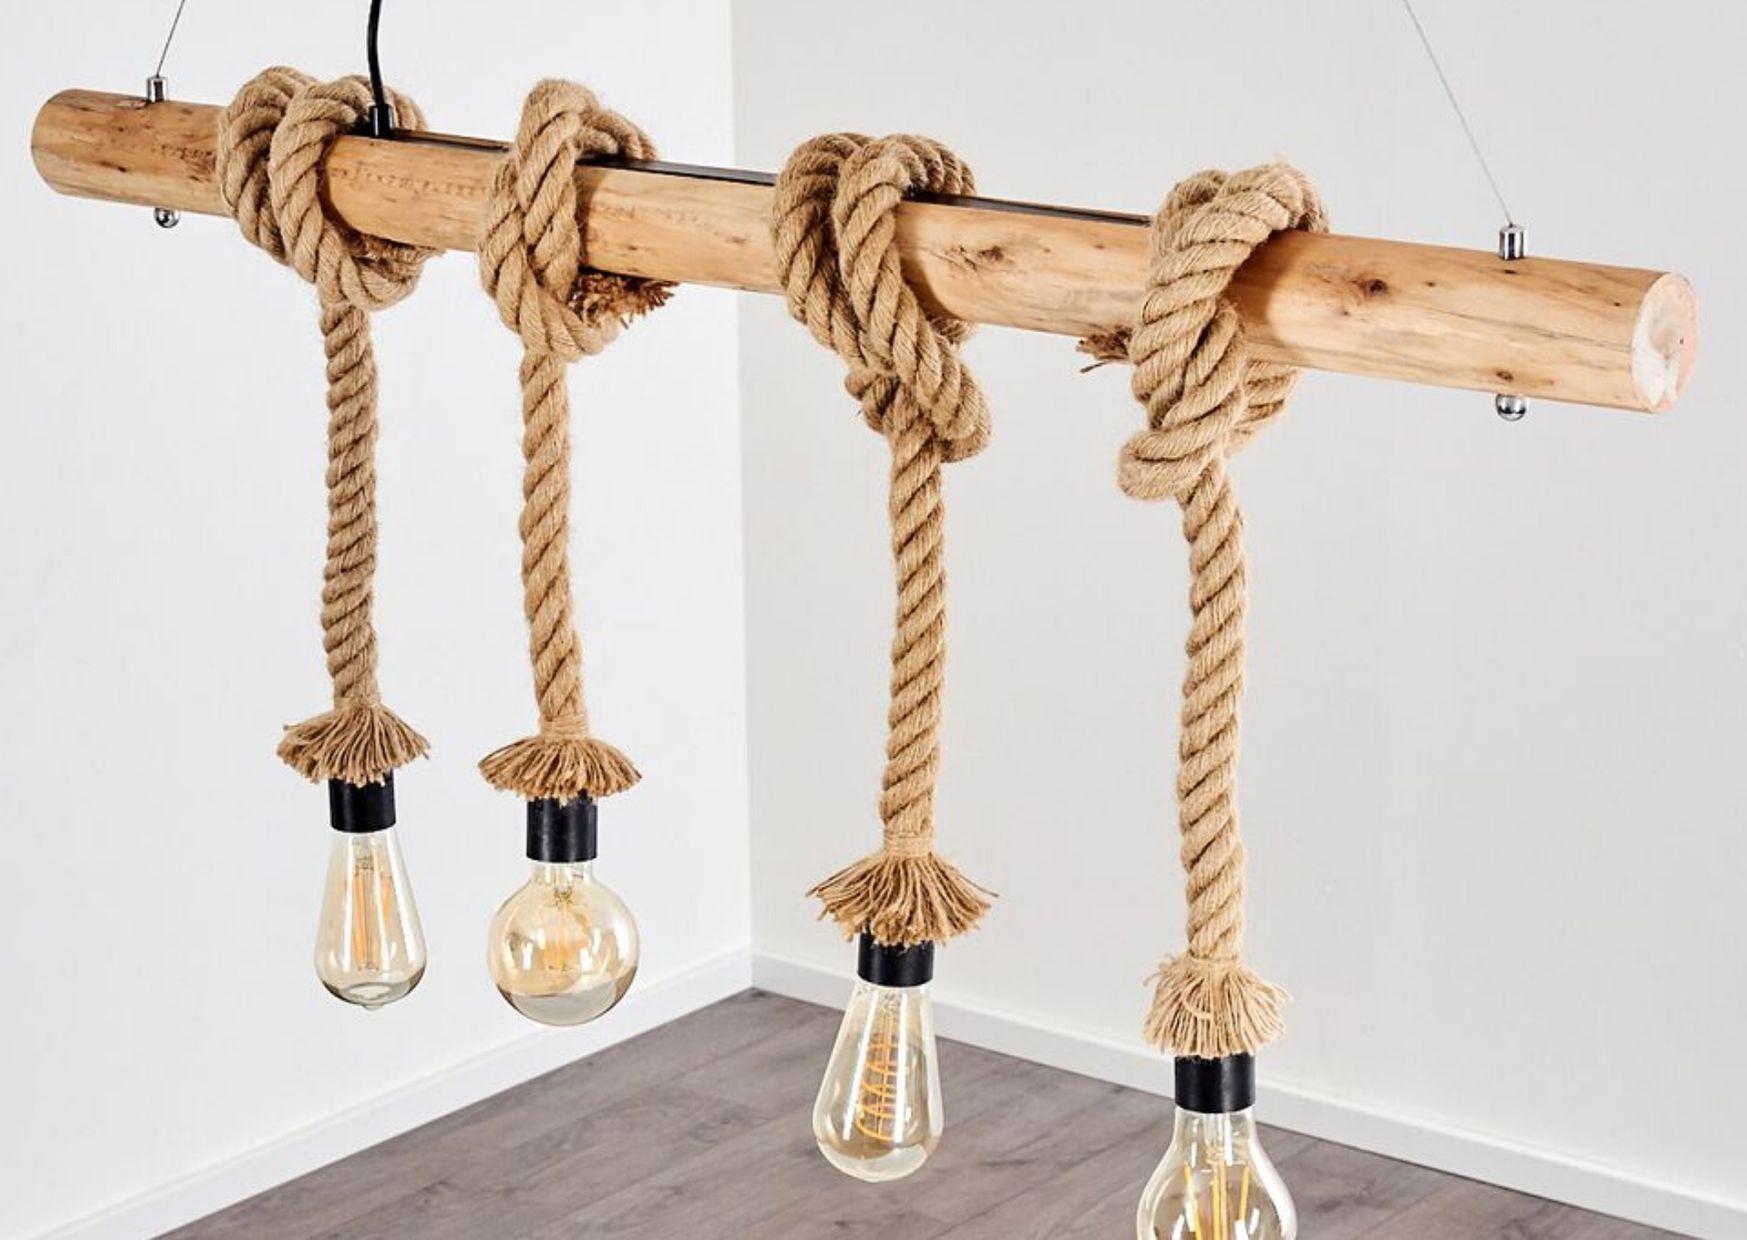 Full Size of Holzlampe Decke Seillampen Und Taulampen Maritime Einrichtung Lampe Magazin Wohnzimmer Deckenlampen Deckenleuchten Bad Deckenlampe Esstisch Decken Wohnzimmer Holzlampe Decke